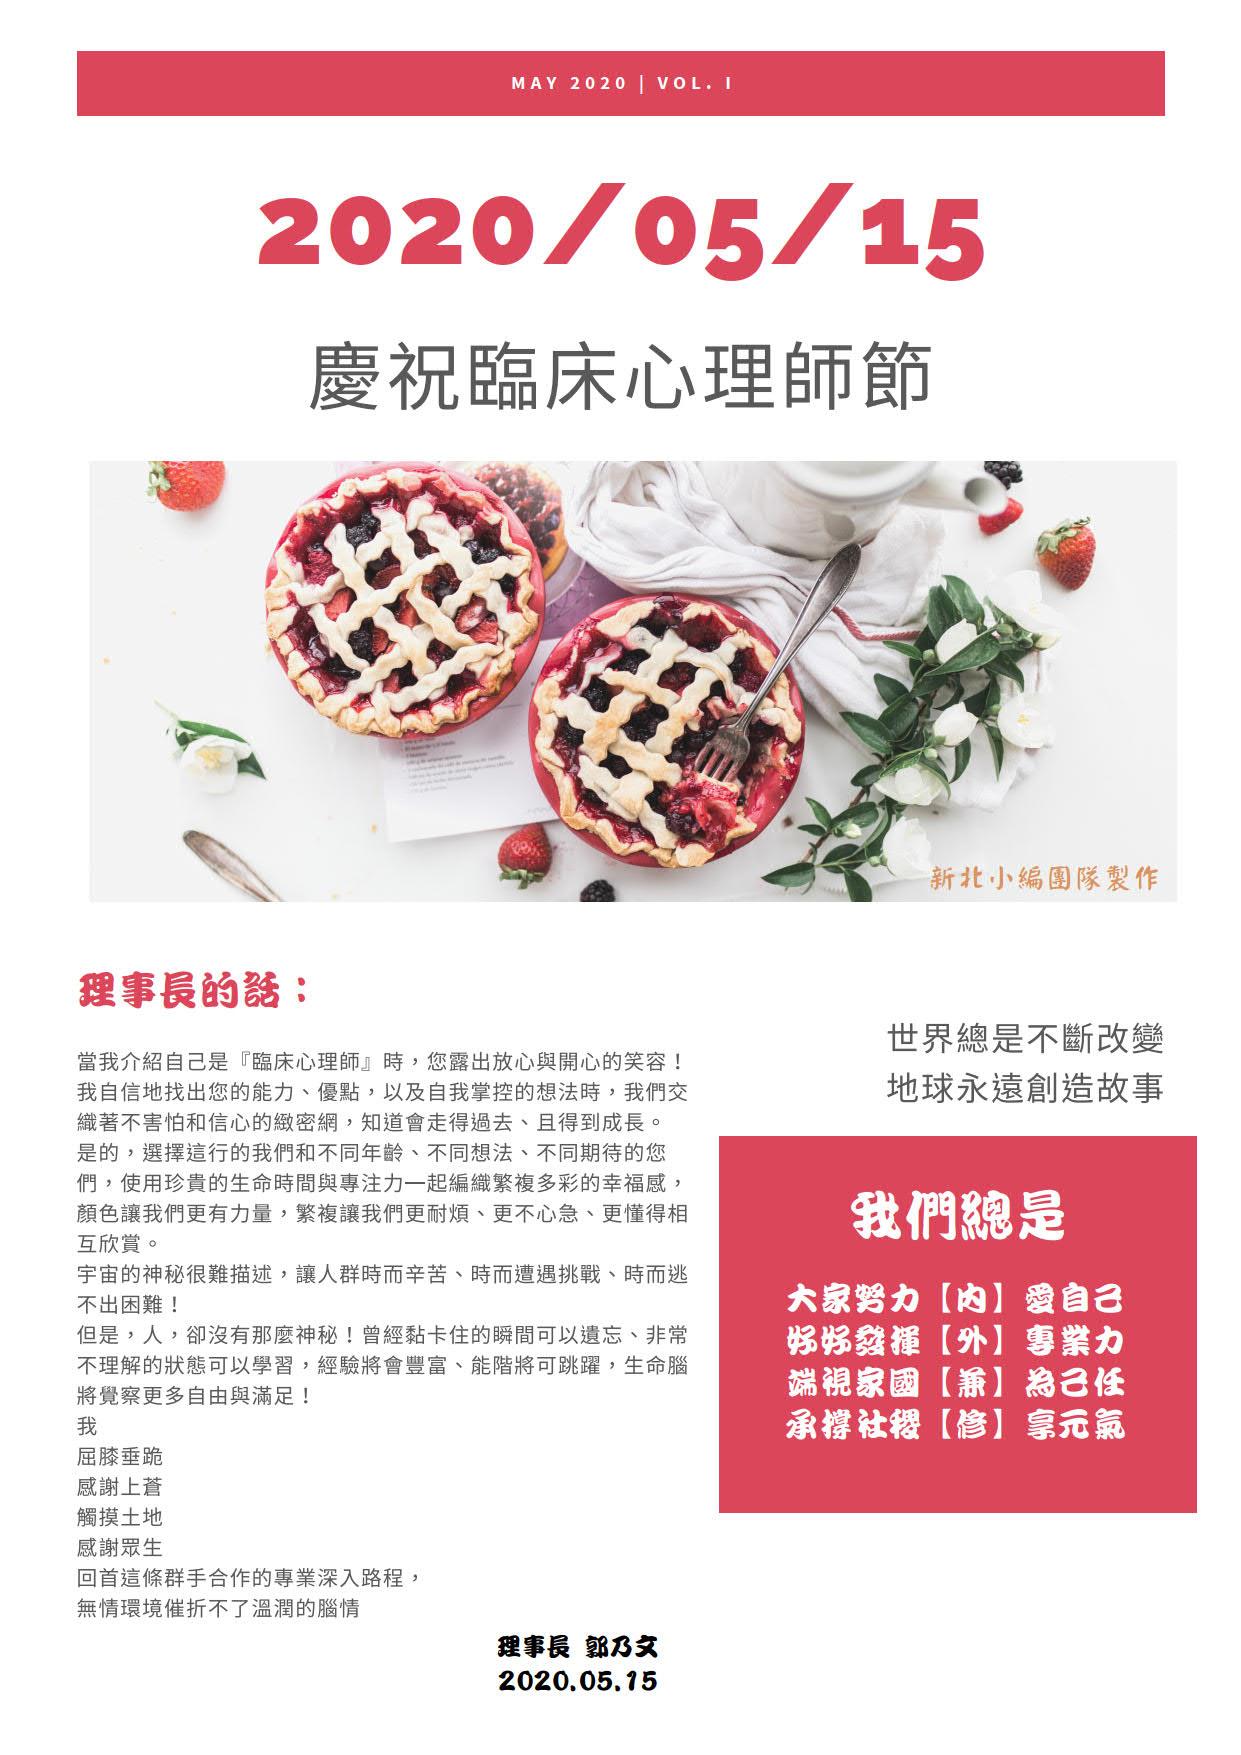 2020臨床心理師節電子報封面.jpg